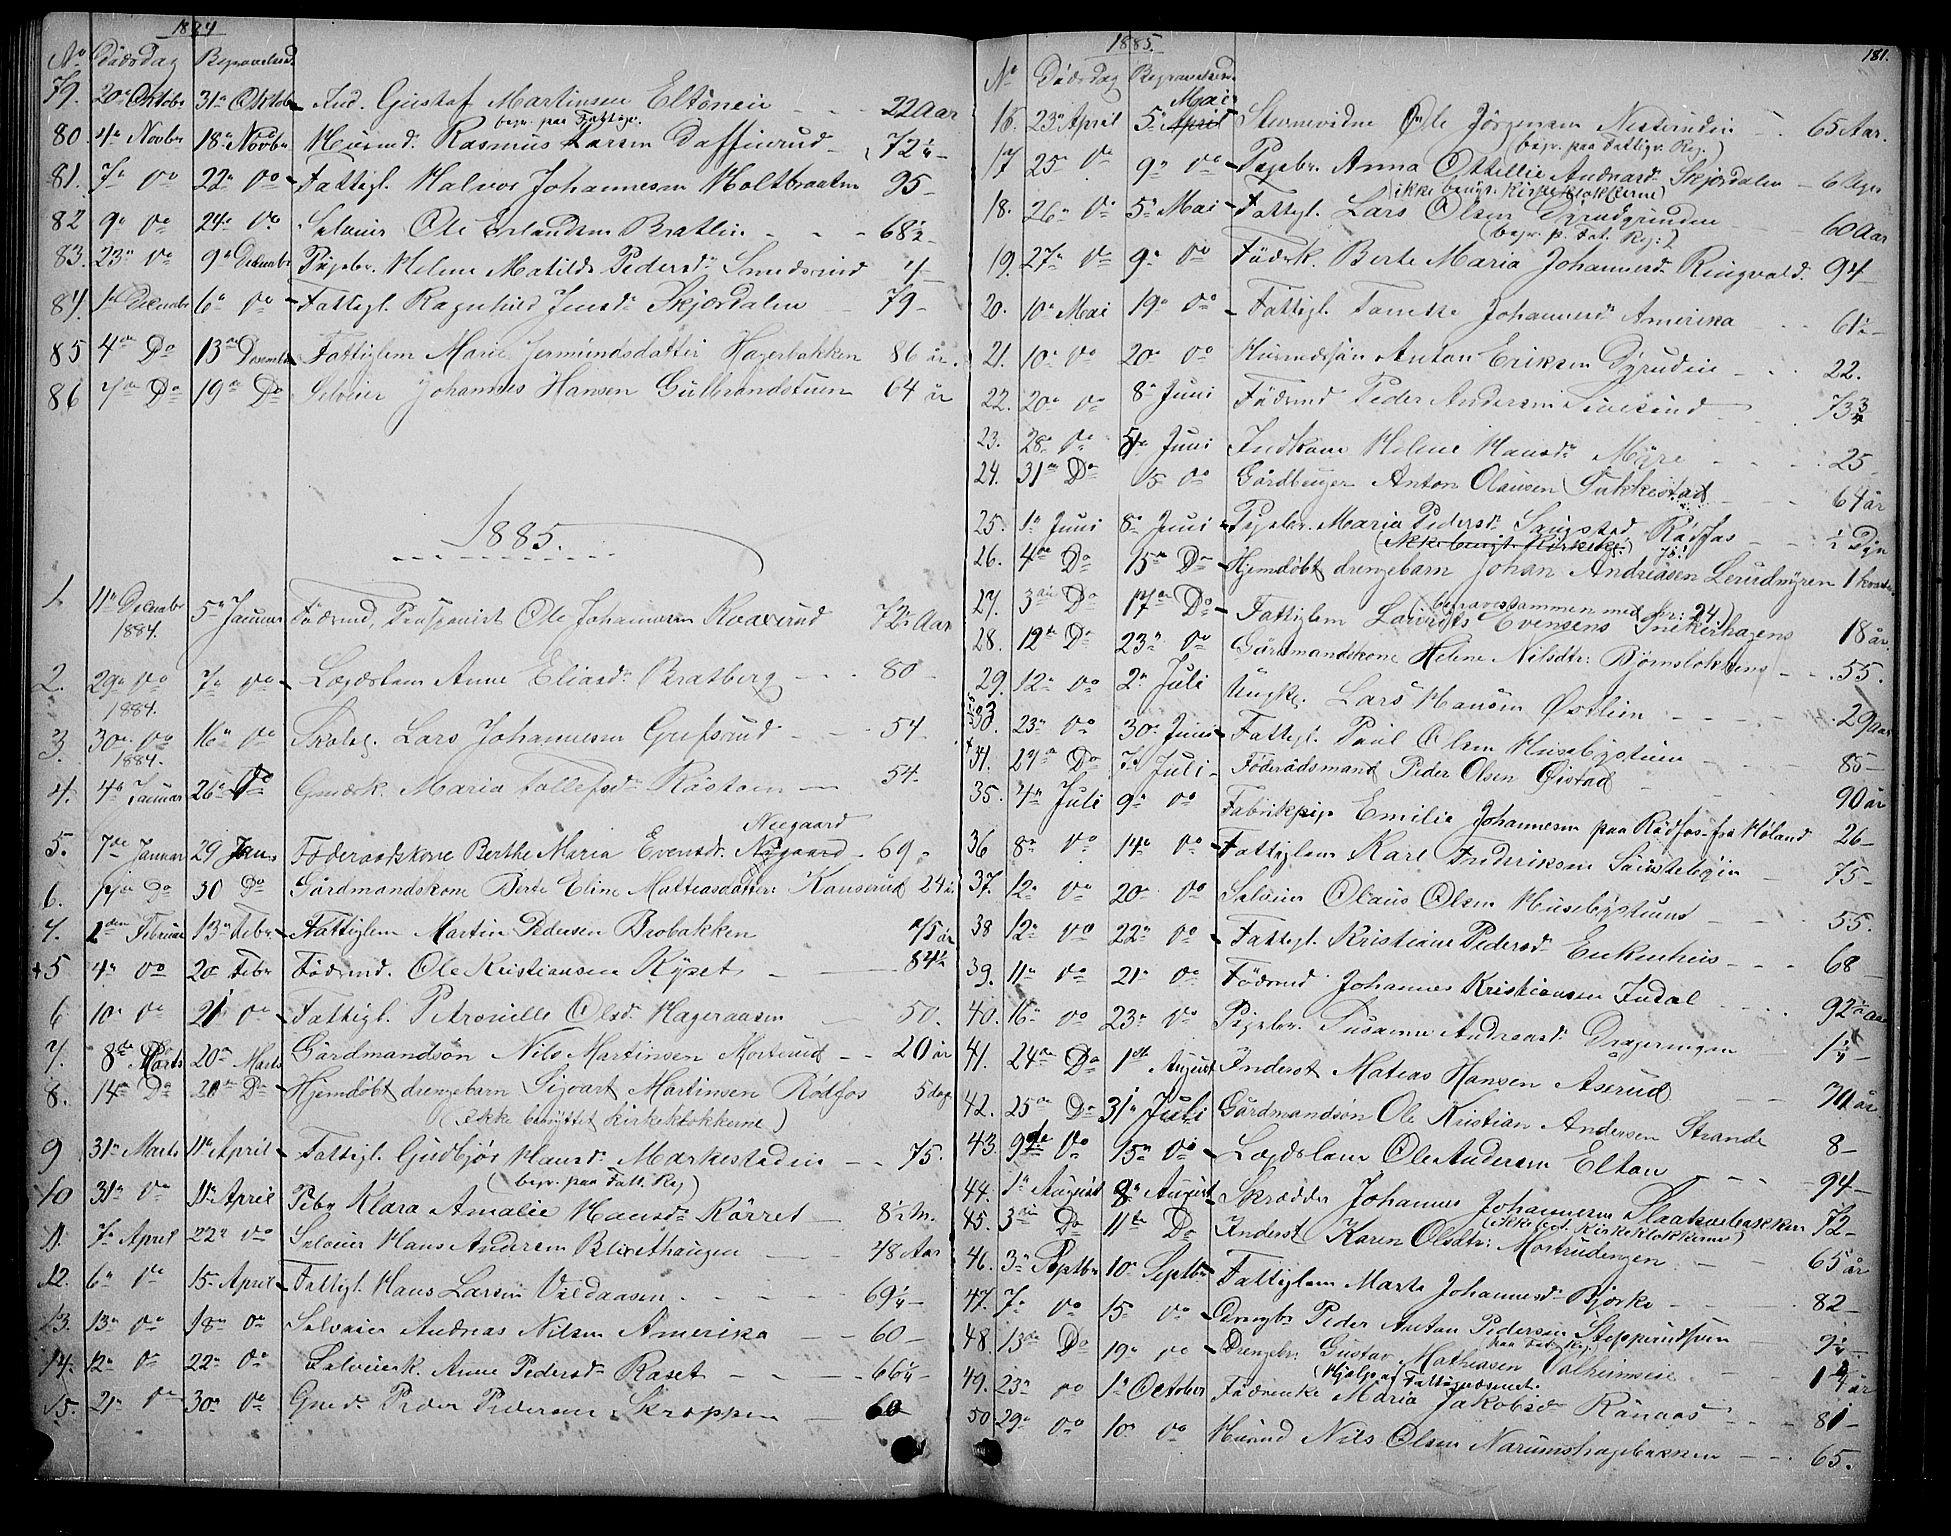 SAH, Vestre Toten prestekontor, H/Ha/Hab/L0006: Klokkerbok nr. 6, 1870-1887, s. 181